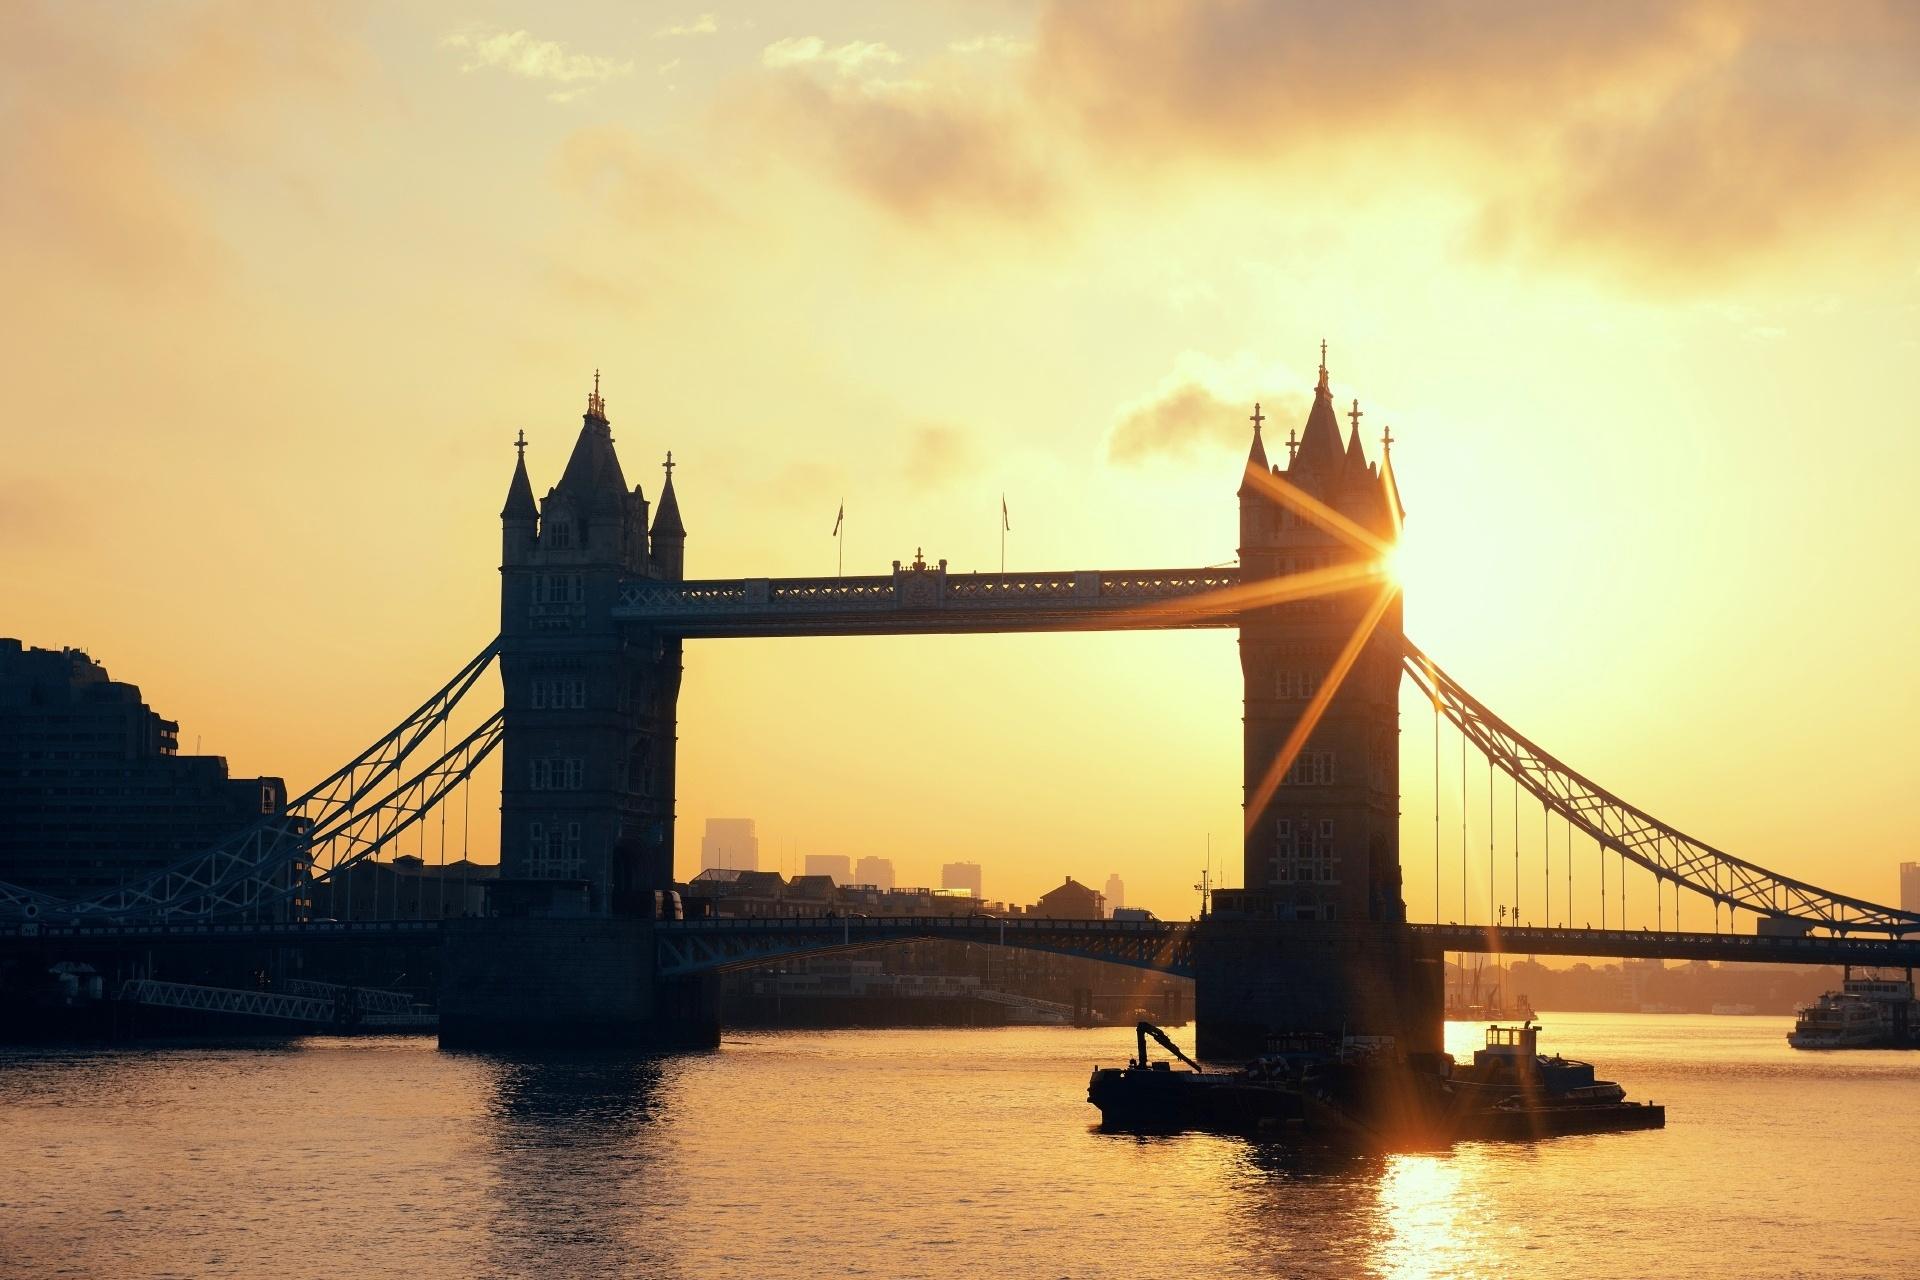 朝日に照らされるタワーブリッジとテムズ川 ロンドンの朝の風景 イギリスの風景